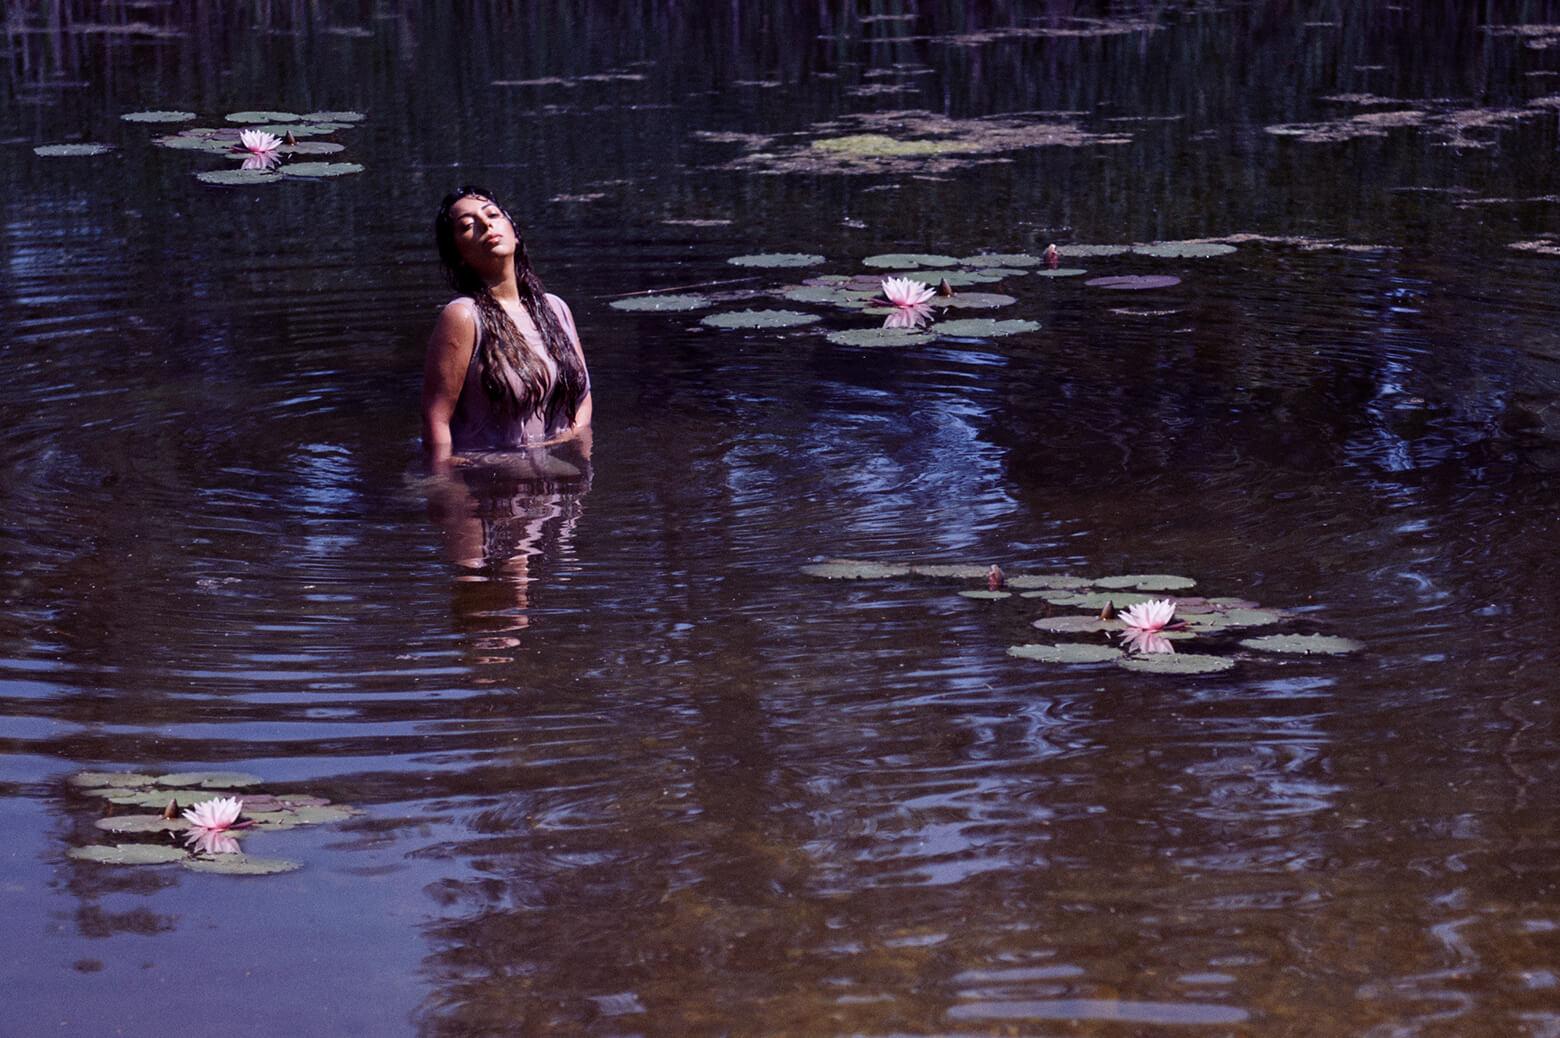 ophelia, watershoot, vienna, portraiture, fotografie, wien, ursula schmitz, seerosen, mühöwasser, wasser, sommer, beauty